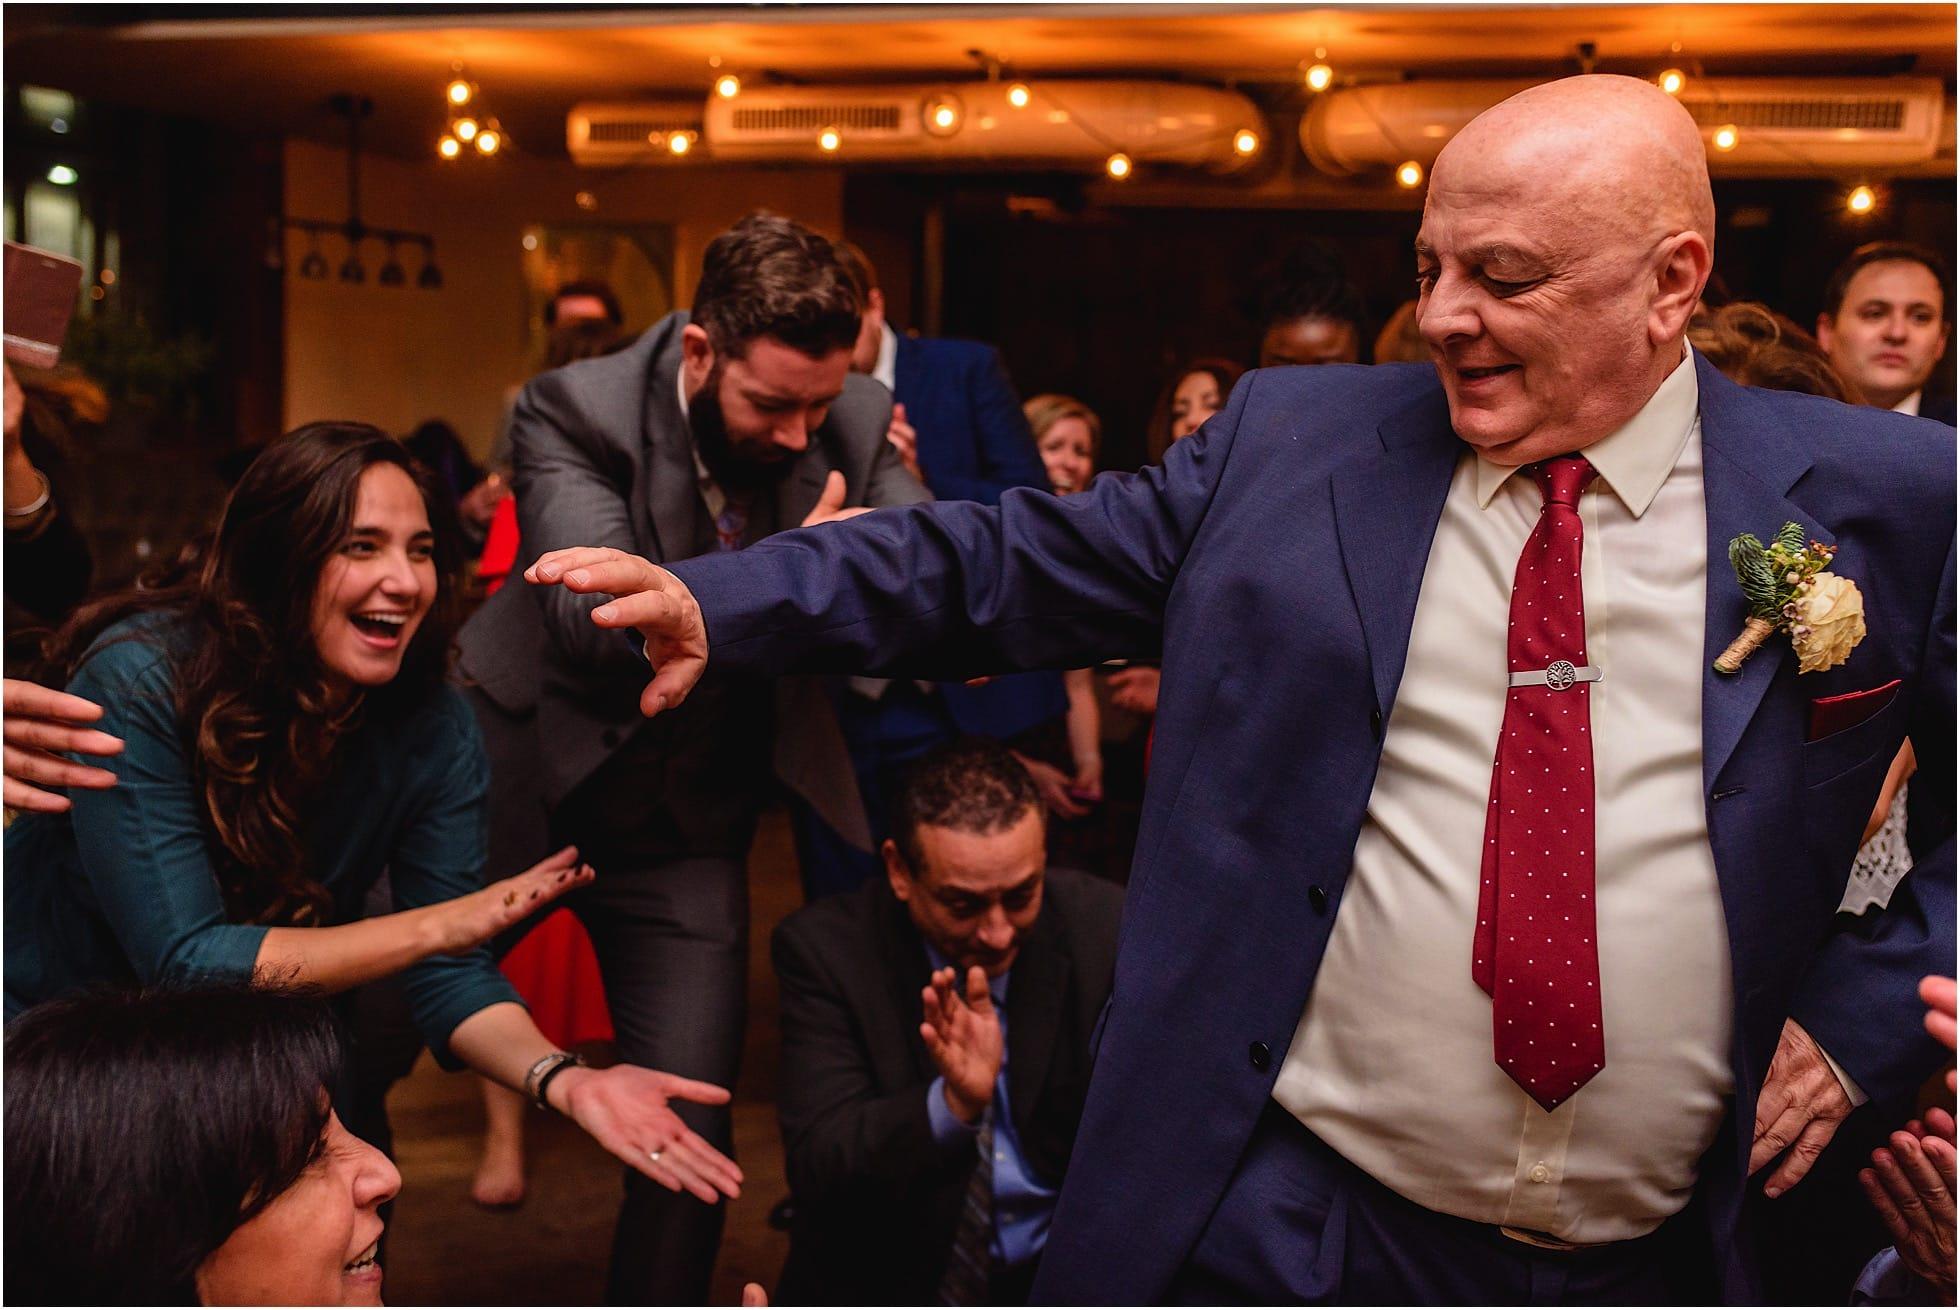 Lebanese dancing